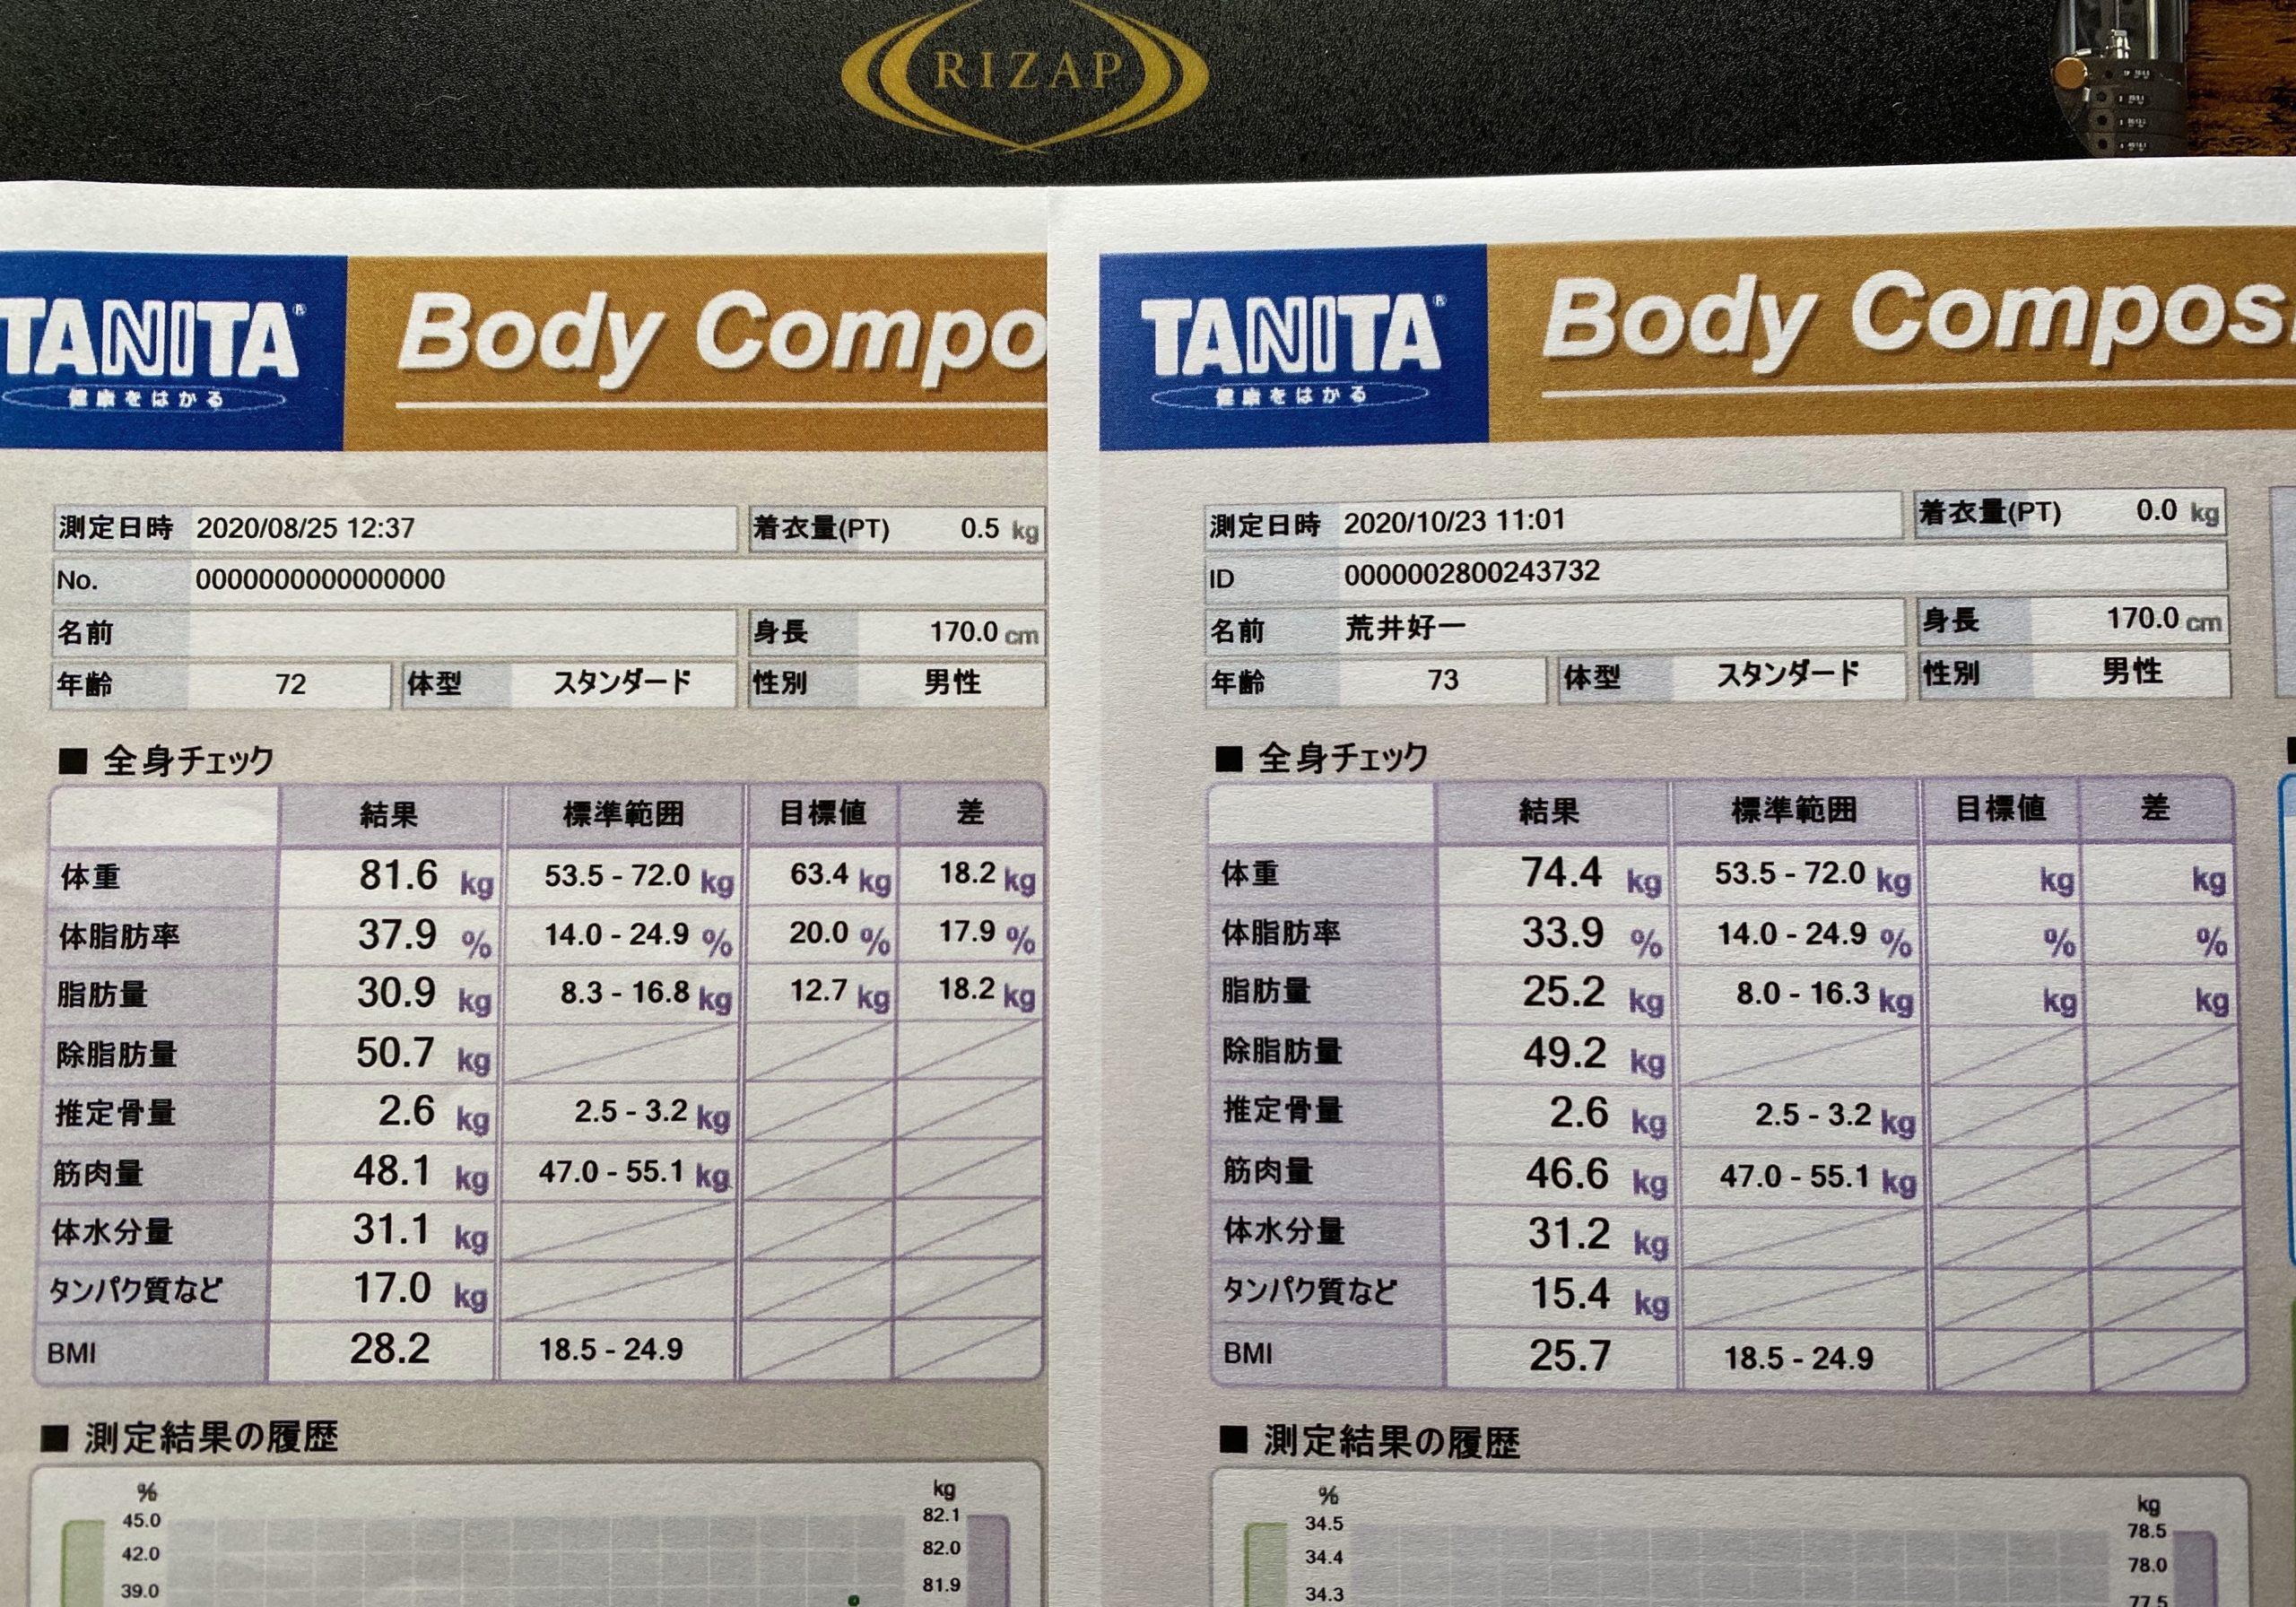 ライザップ2ヶ月で、体重7.2kg,ウエスト8cm減少の成果!